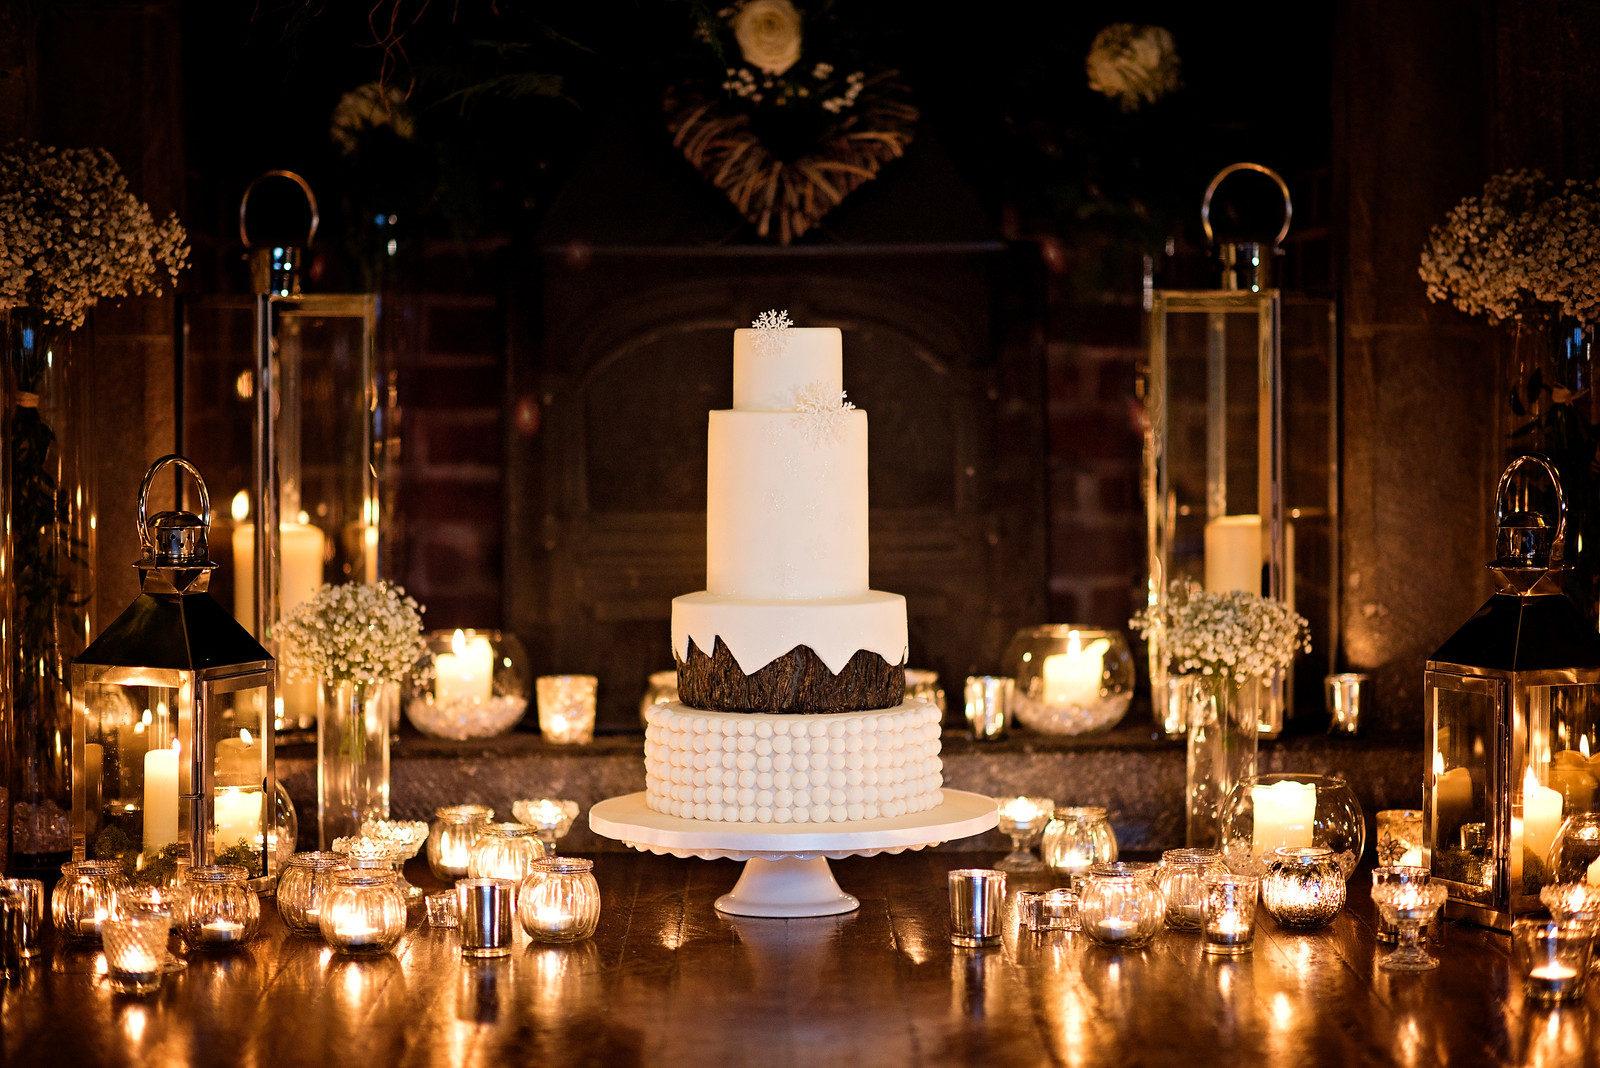 holdsworth-house-wedding-cake-3